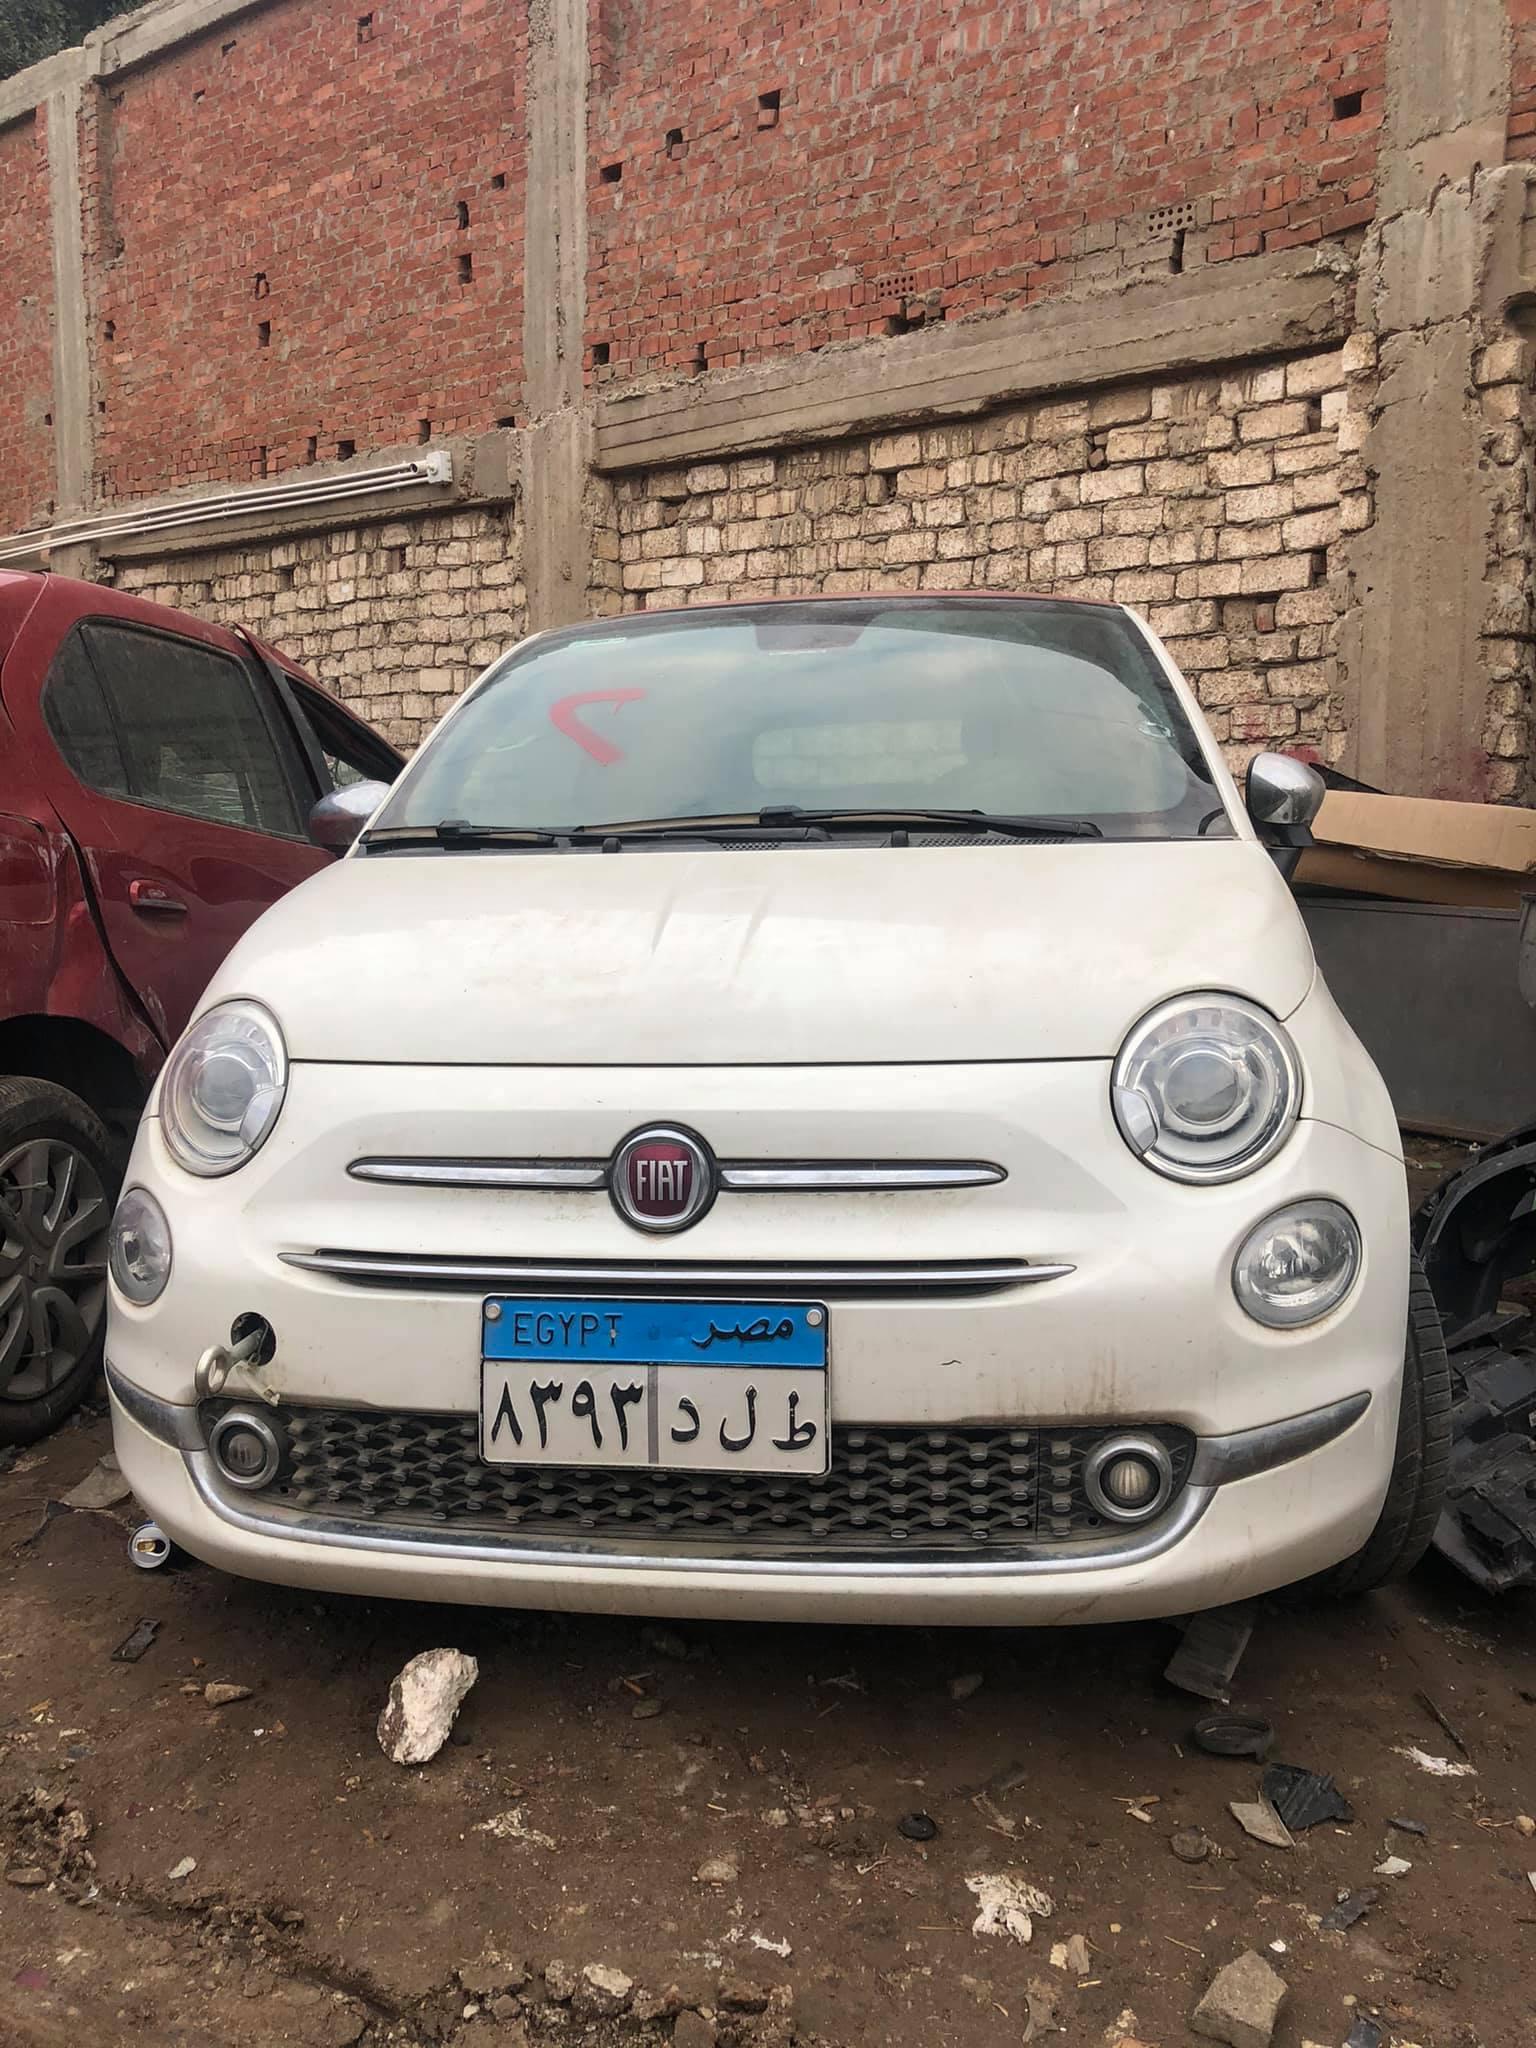 مزاد سيارات حوادث يضم سيارات فاخرة في مصر